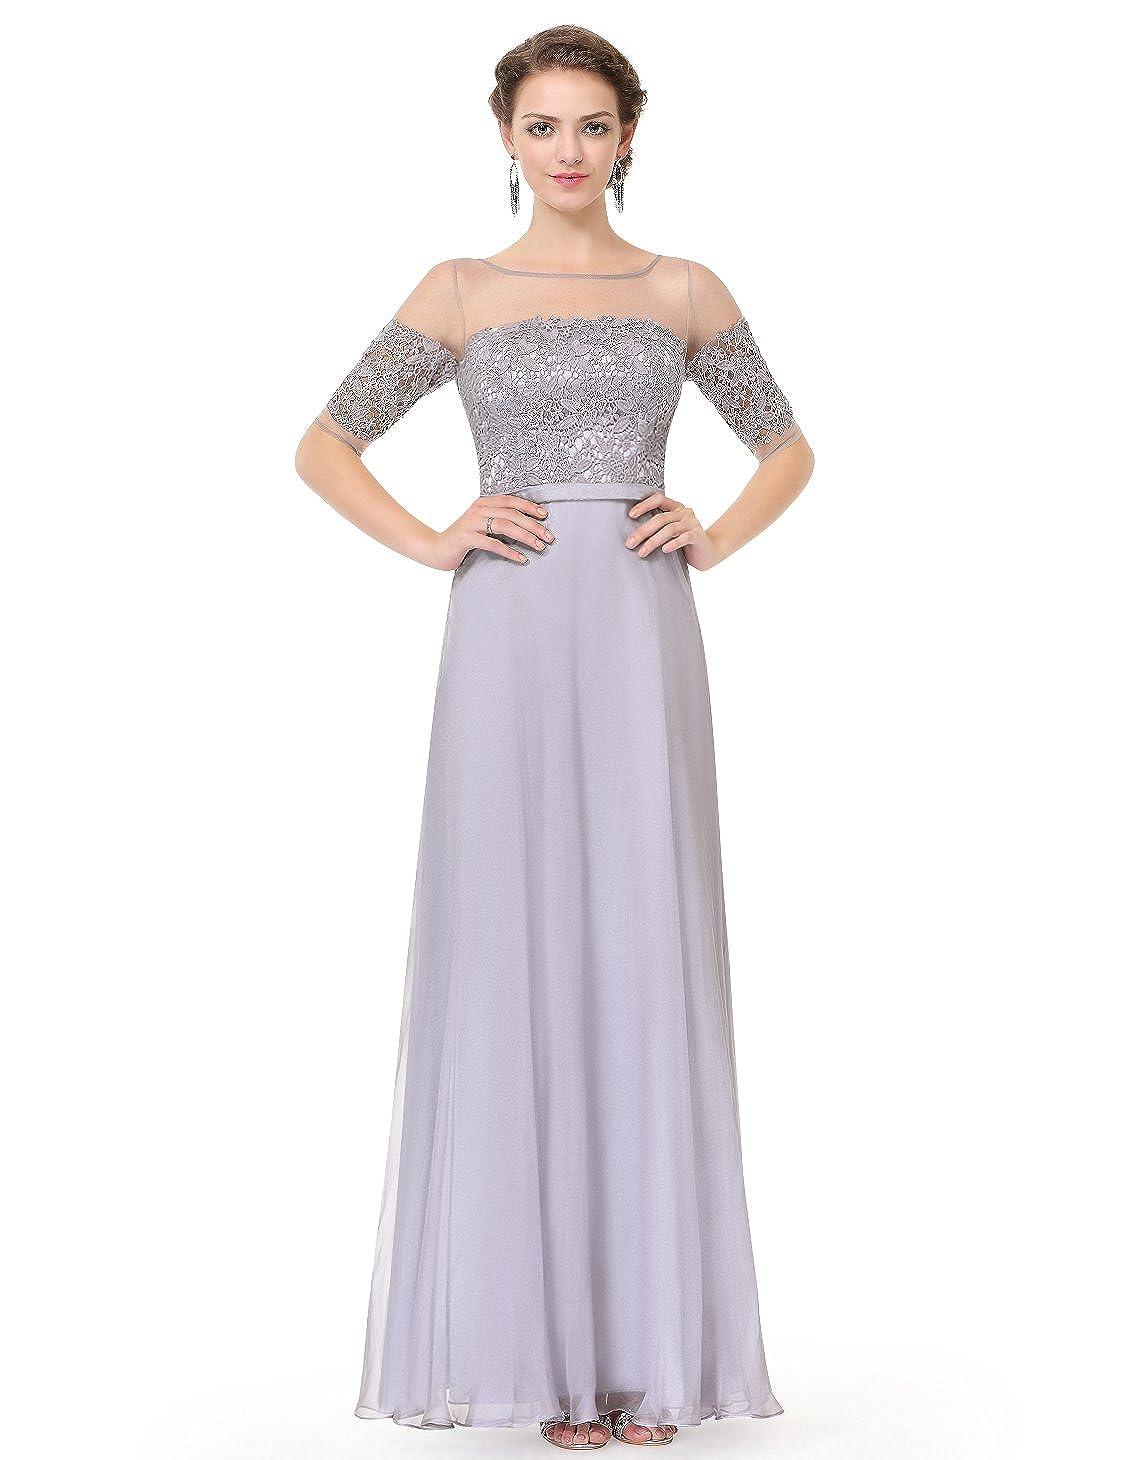 Ever Pretty レディース 五分袖  レース切り替え ロングドレス イブニング パーティー 結婚式 エレガントドレス08459 B075JFHCGN  グレー1 XL